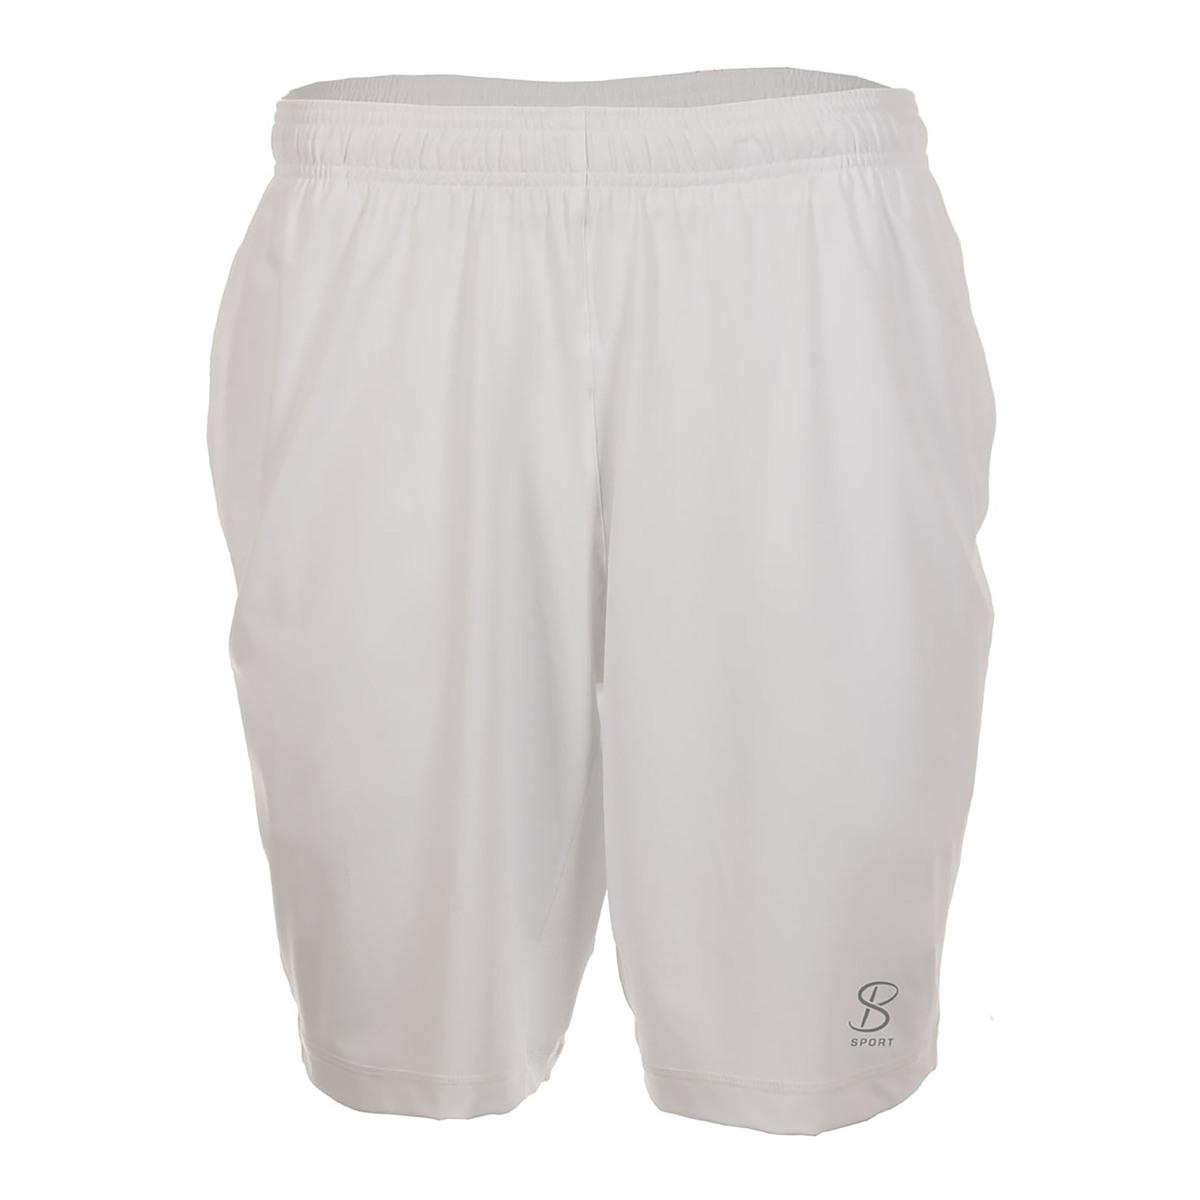 Stay-Dry 速乾素材UV-Protection UPF50 紫外線を98%カットAnti-Bacterial 細菌が繁殖しにくく肌に優しいテニスウェア テニス パデル メンズ 短パン SOFIBELLA MEN'S : ソフィベラ メンズ9